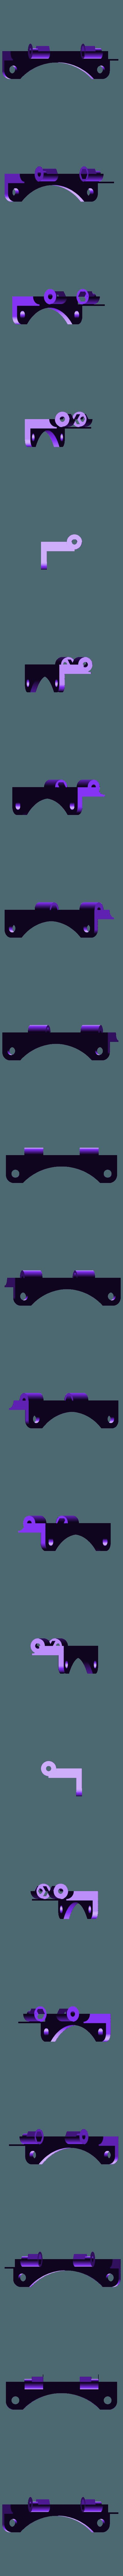 fan_bracket.stl Download free STL file PCB Vise – Soldering Station • 3D printing model, Job